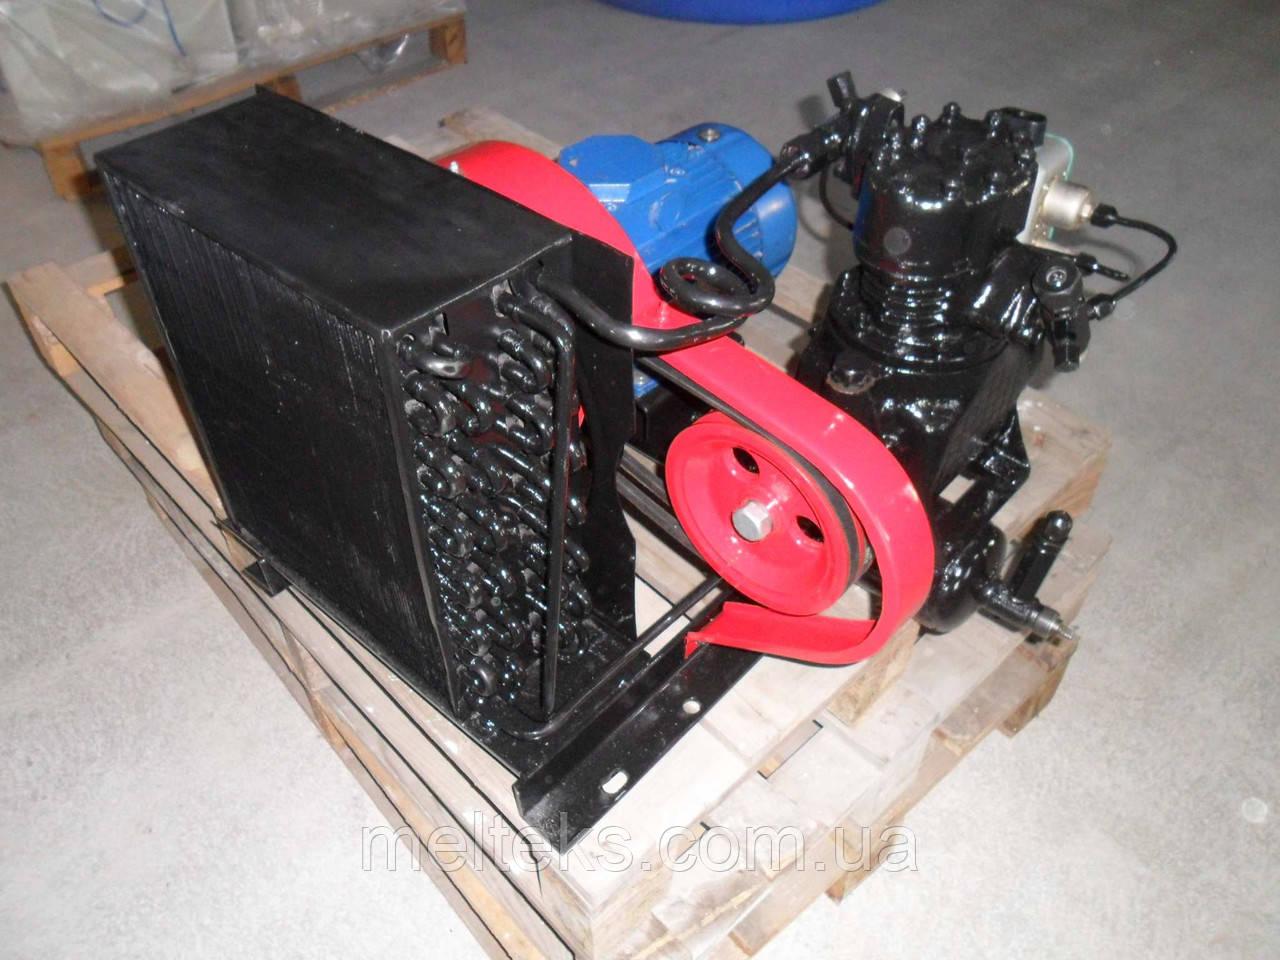 Агрегат ФАК 1,5, ФАК-2000 в сборе